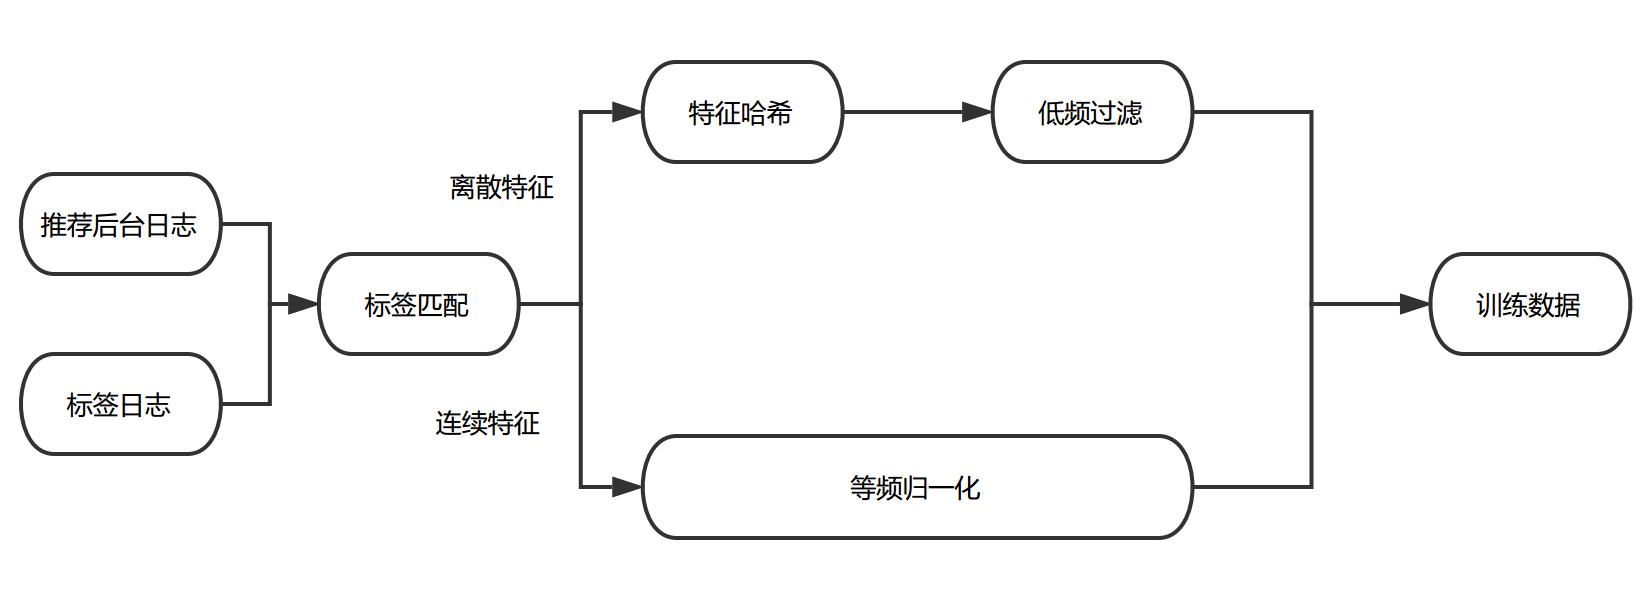 图3 训练数据处理流程